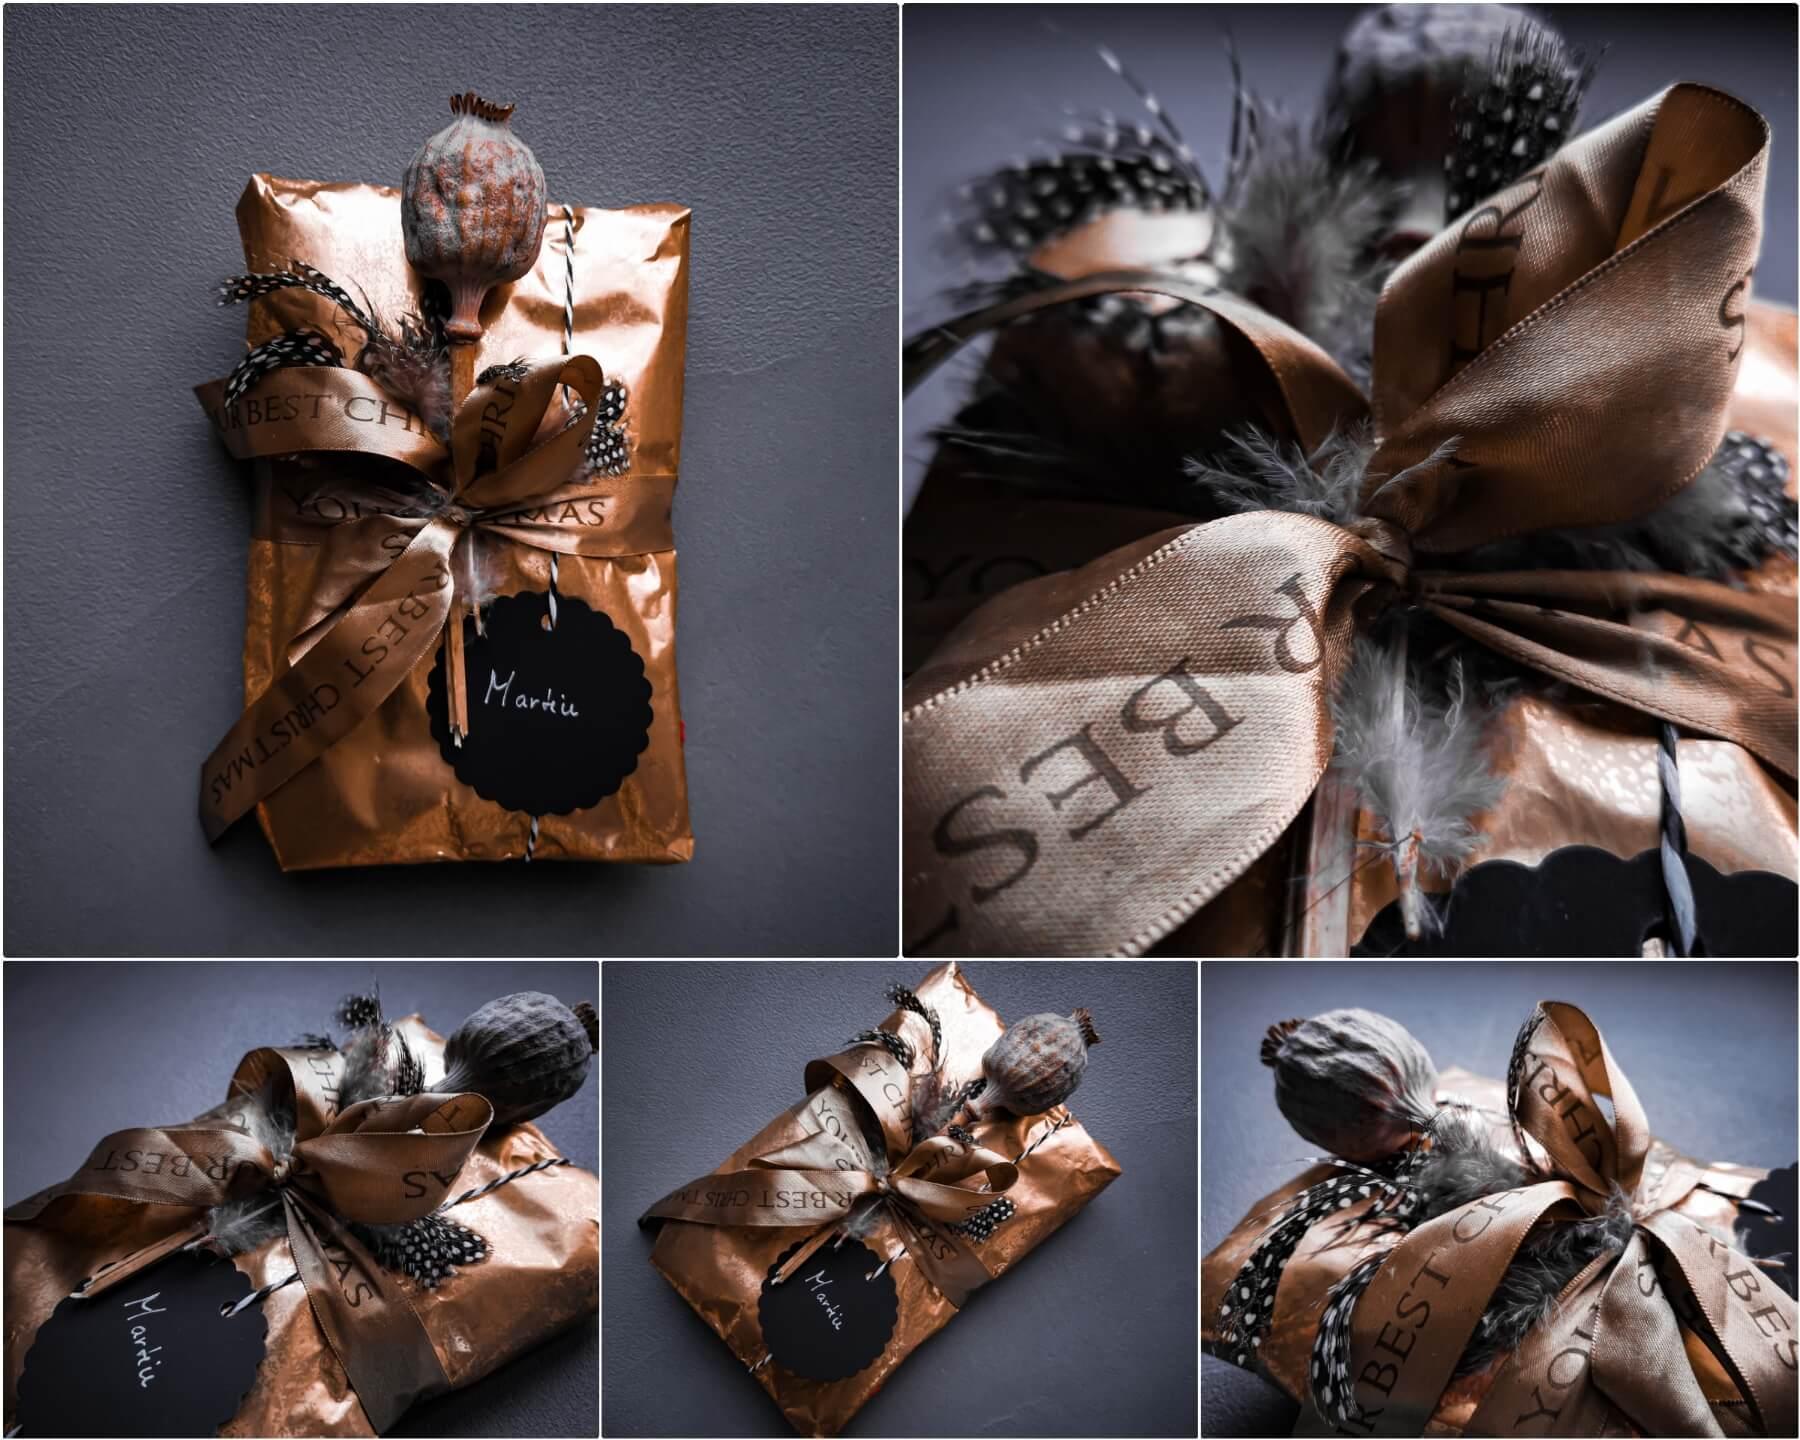 inCollage 20191208 170000406 resized 20191208 050953355 - Geschenke verpacken: 11 kreative Tipps zum Selbermachen